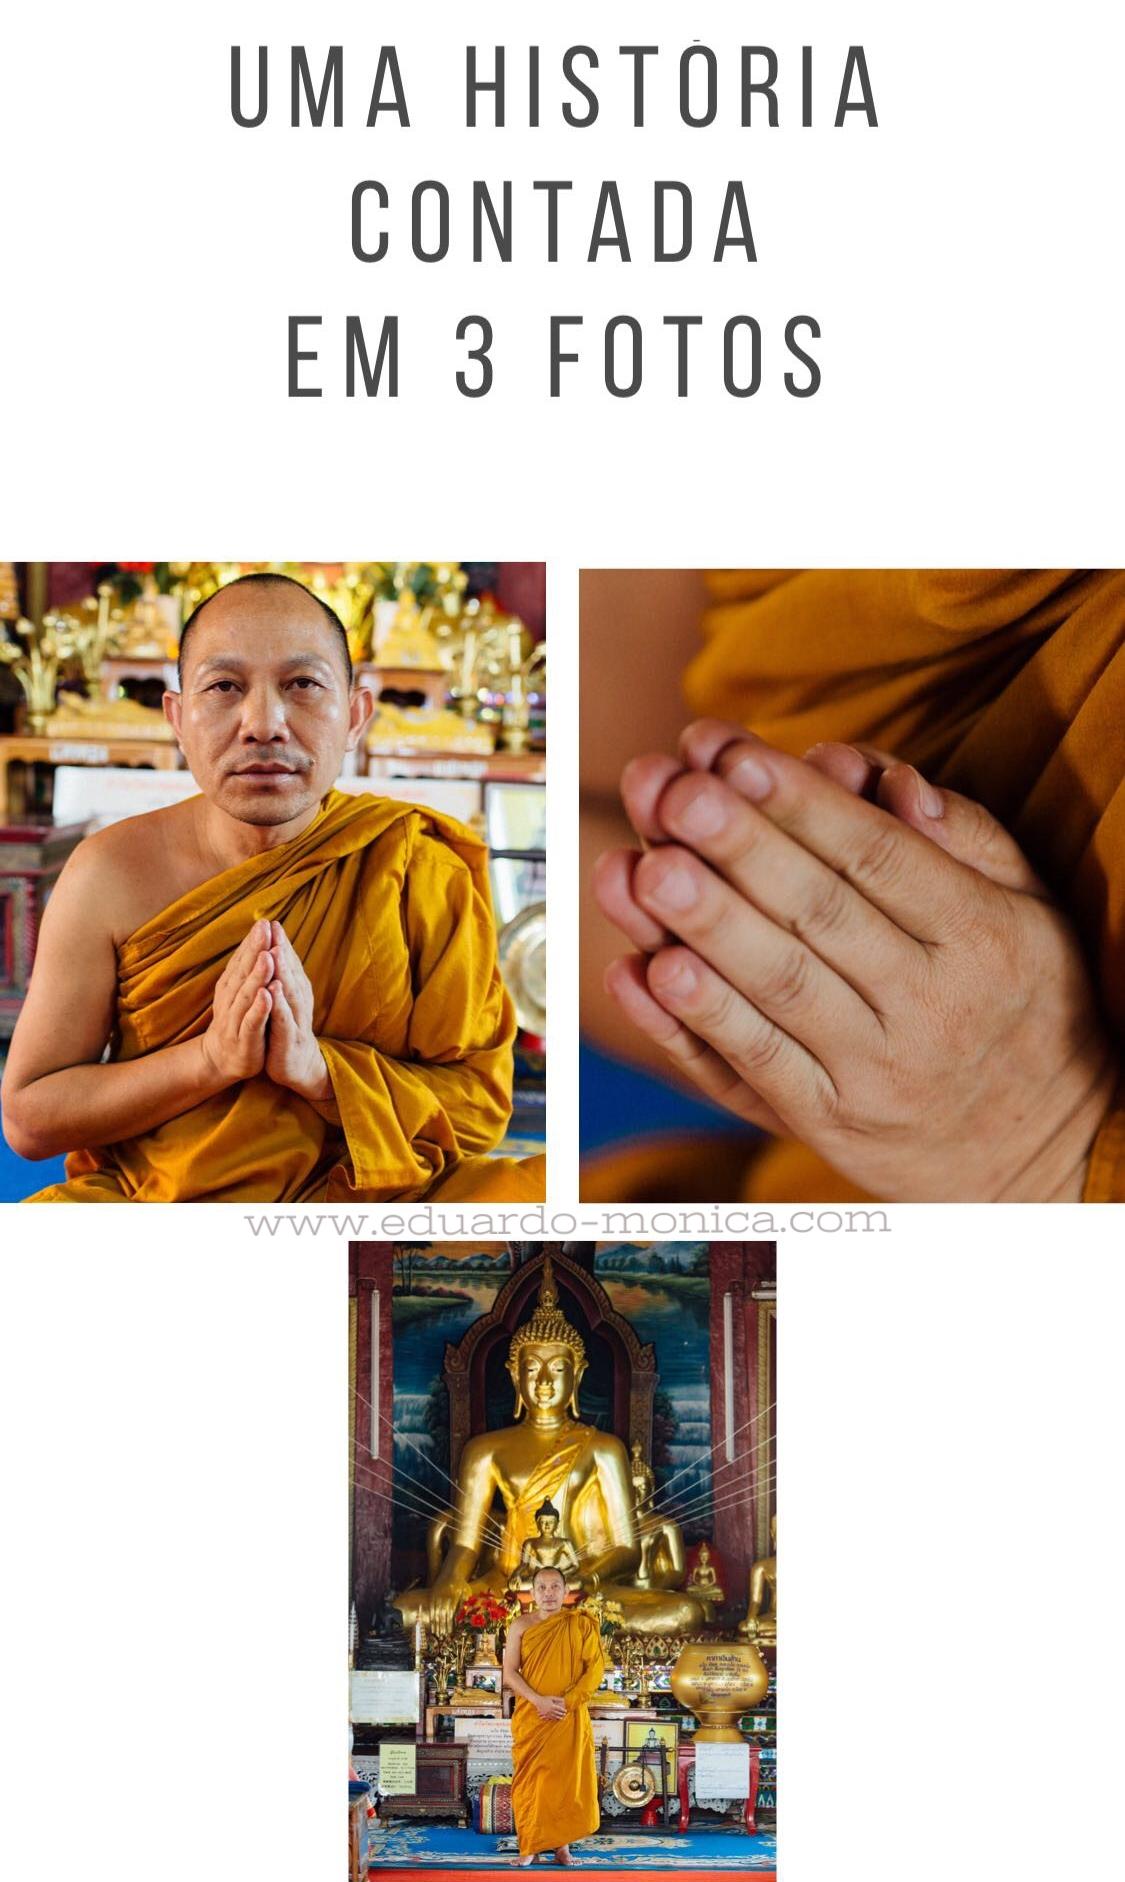 Fotografia de Viagem: Contando uma História com Fotos